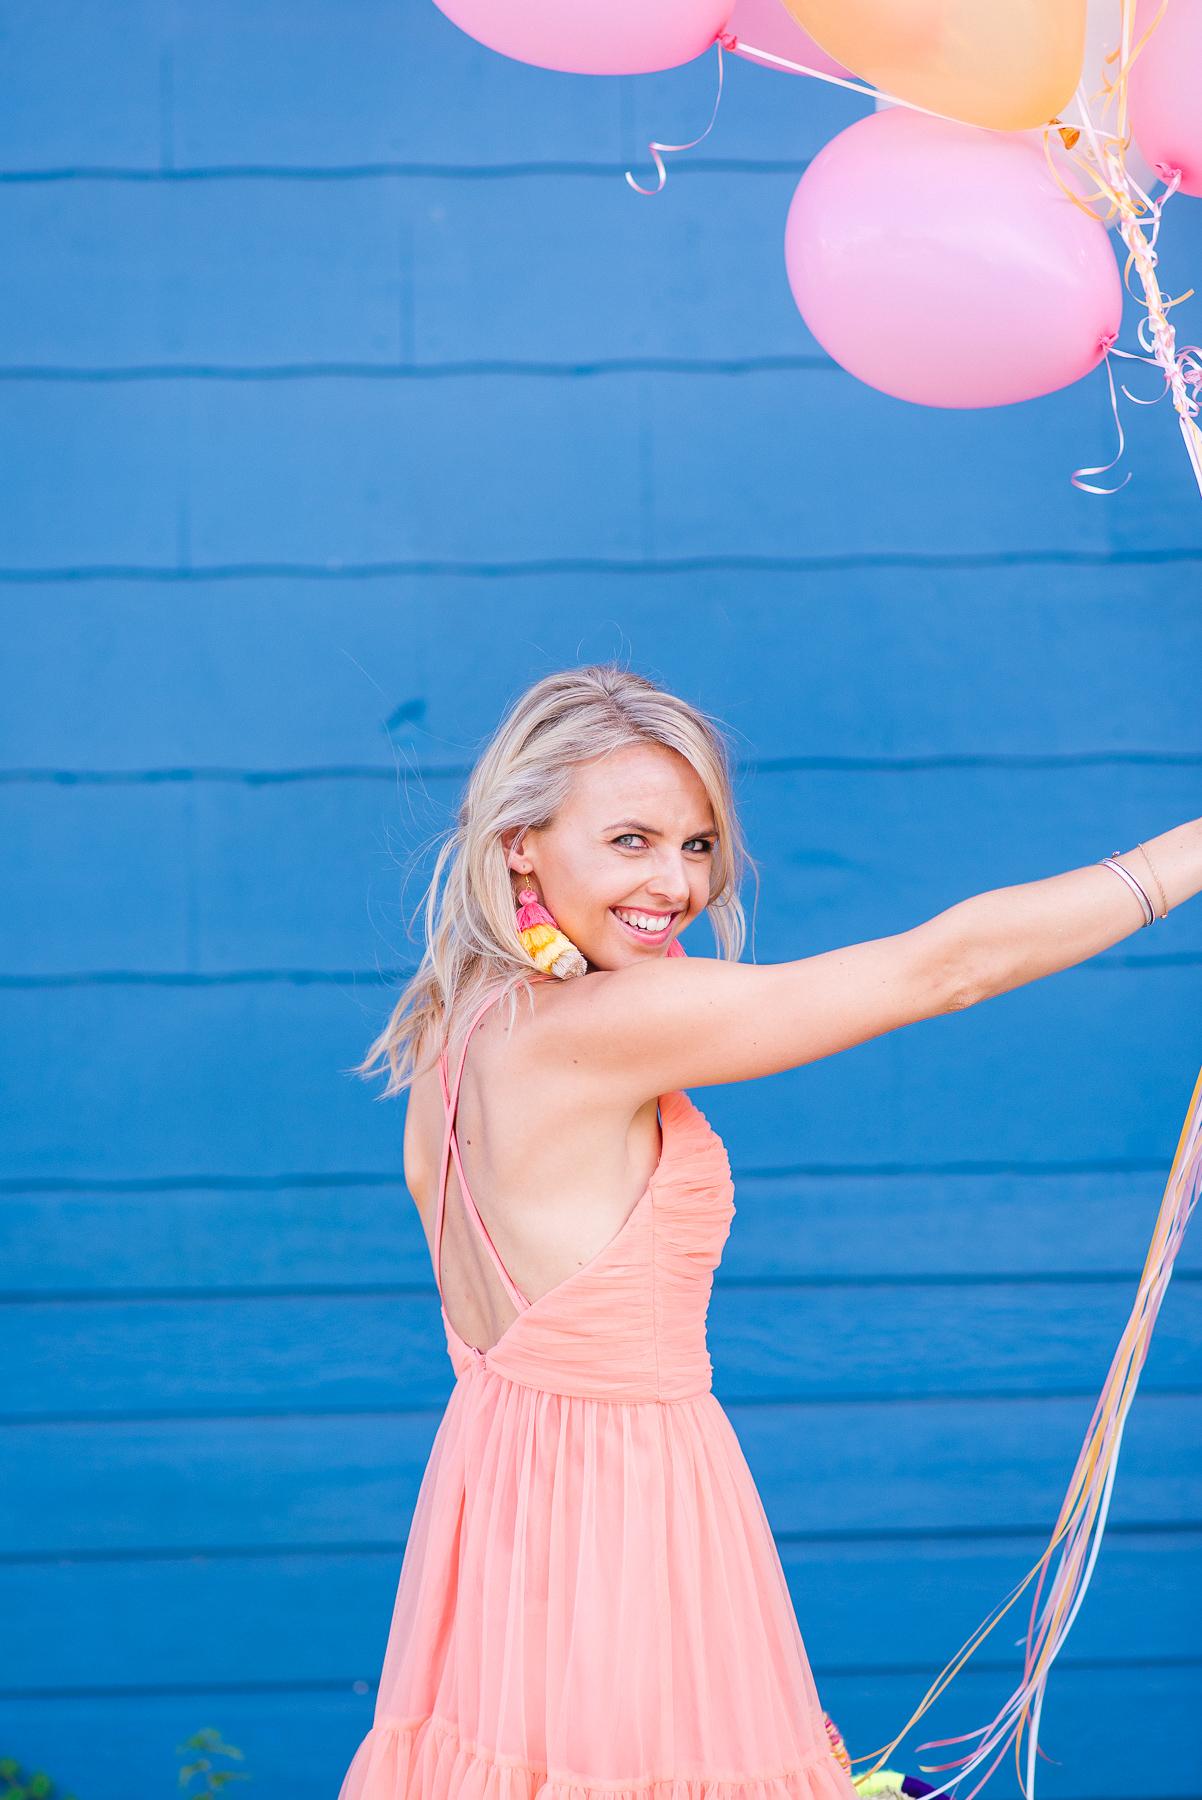 Bag at you - Fashion blog - Birthday girl dress